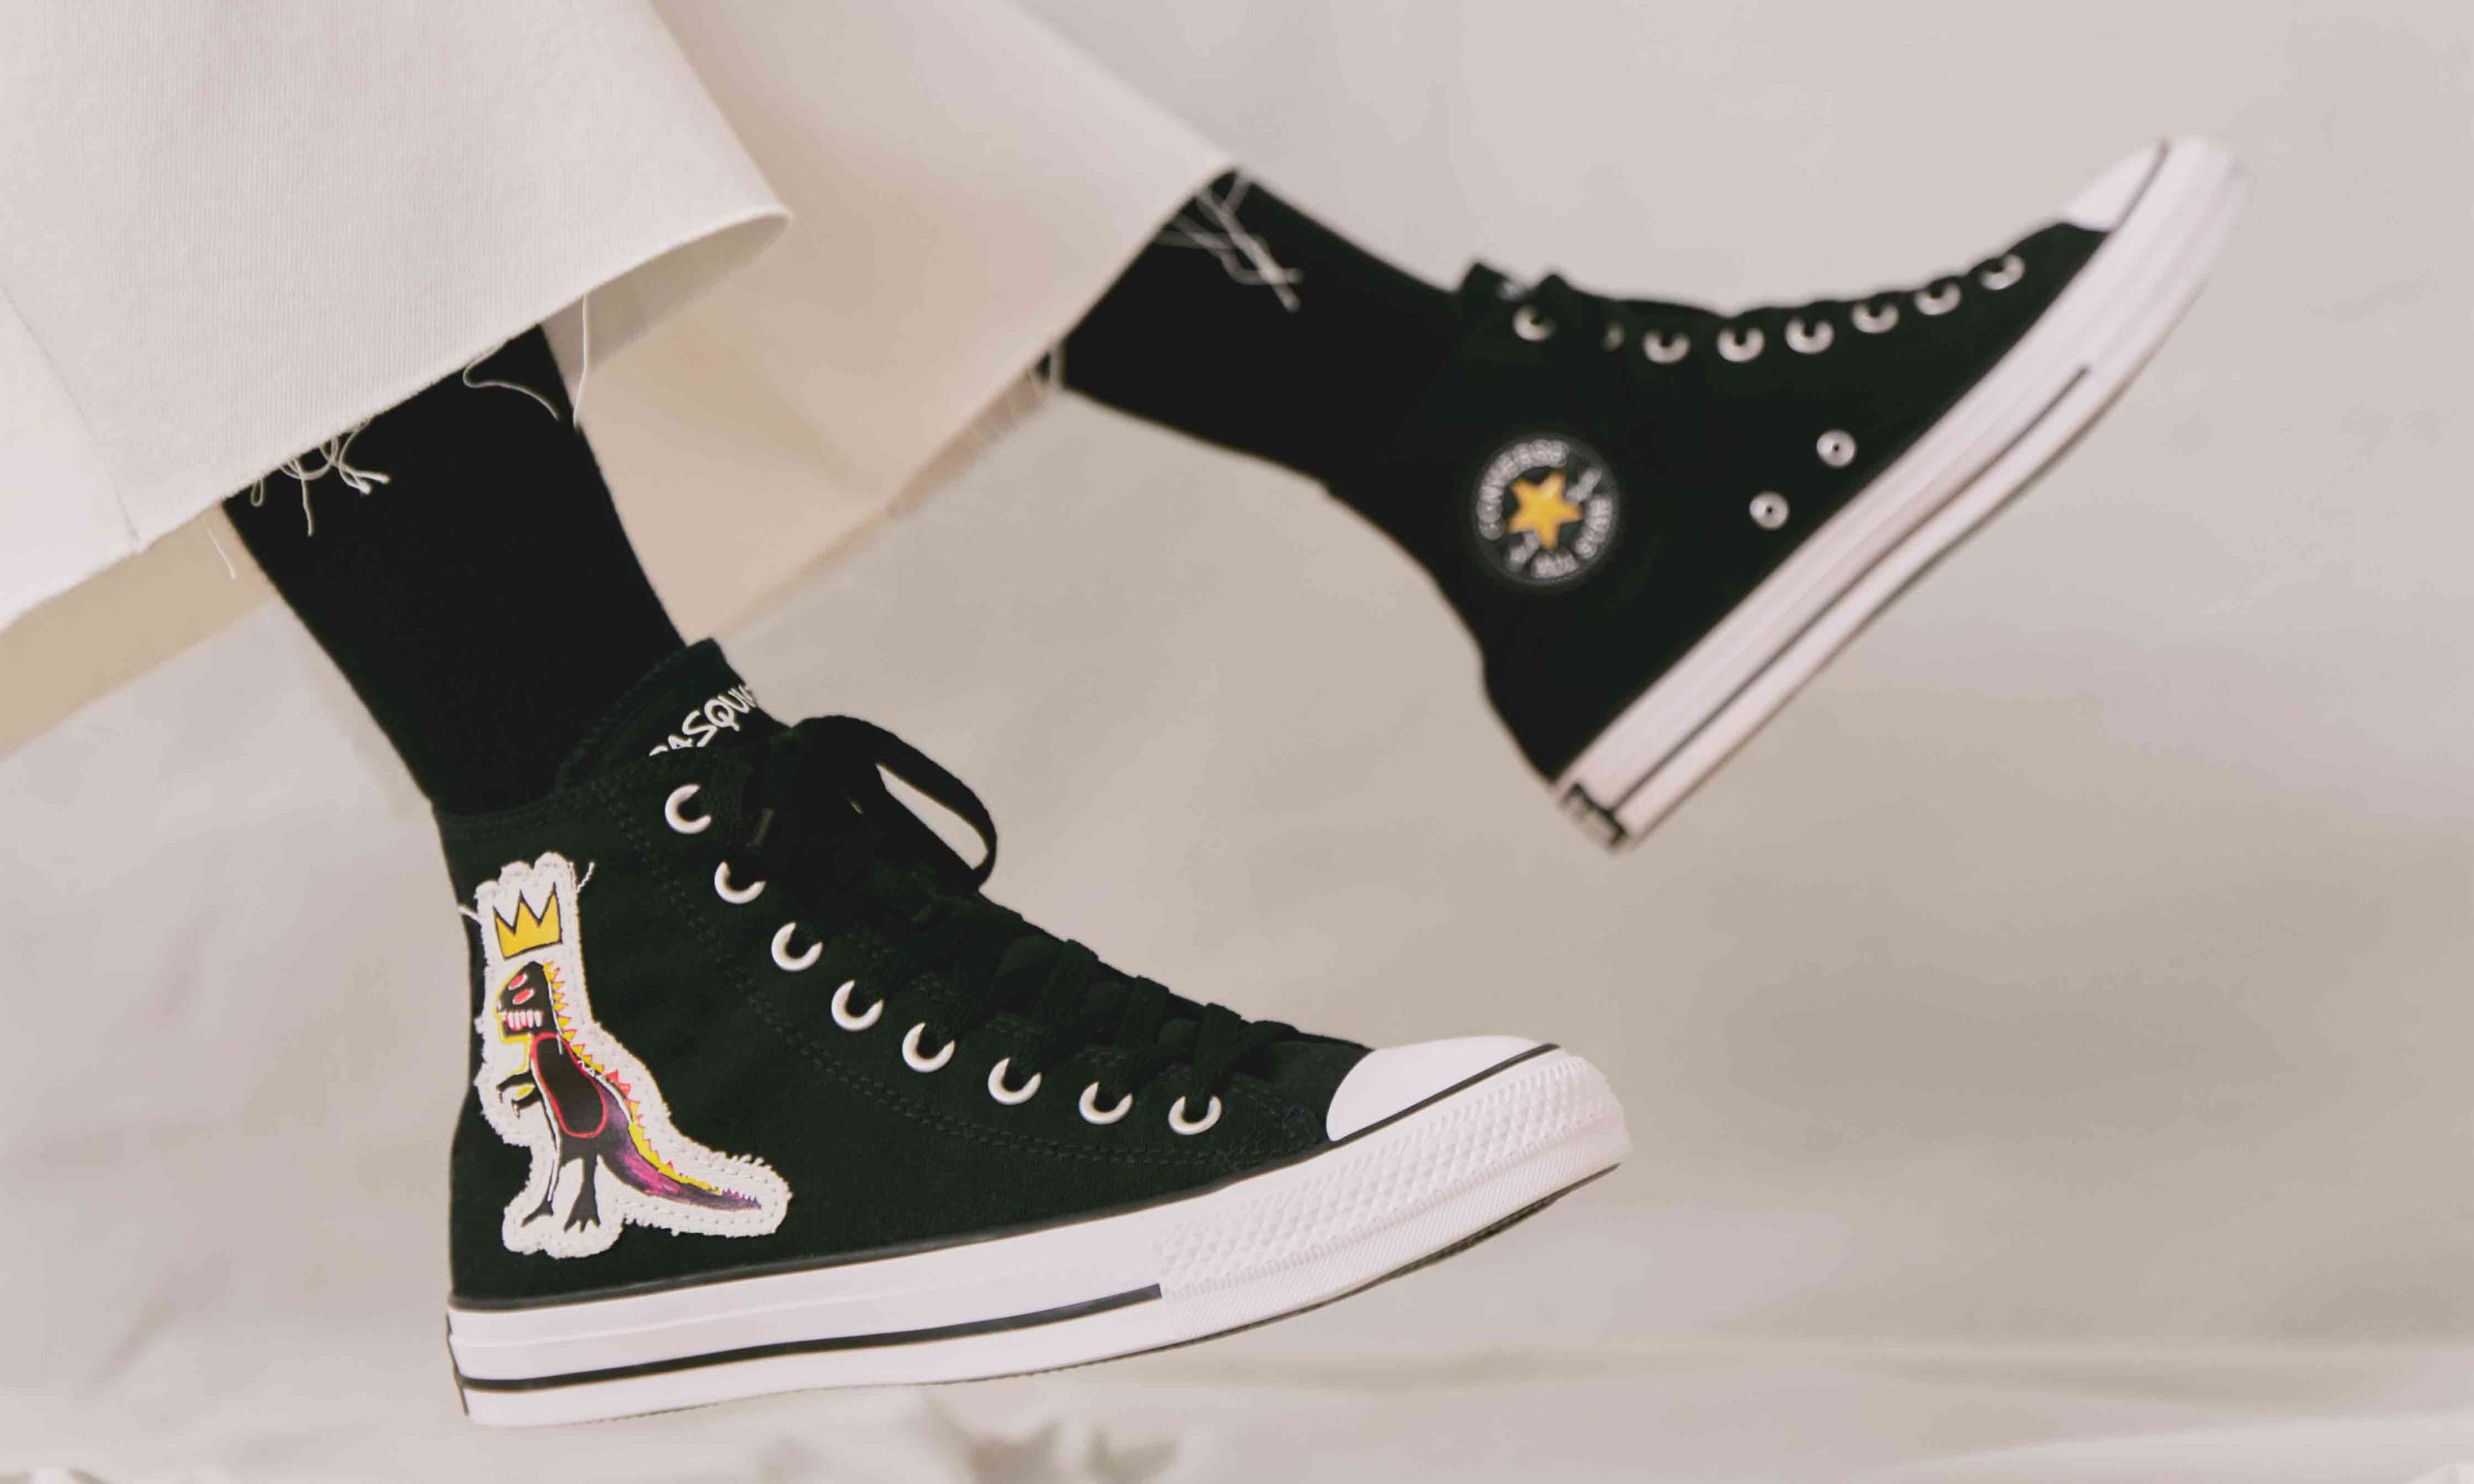 为经典加冕,CONVERSE 发布传奇涂鸦艺术家 Basquiat 全新合作系列